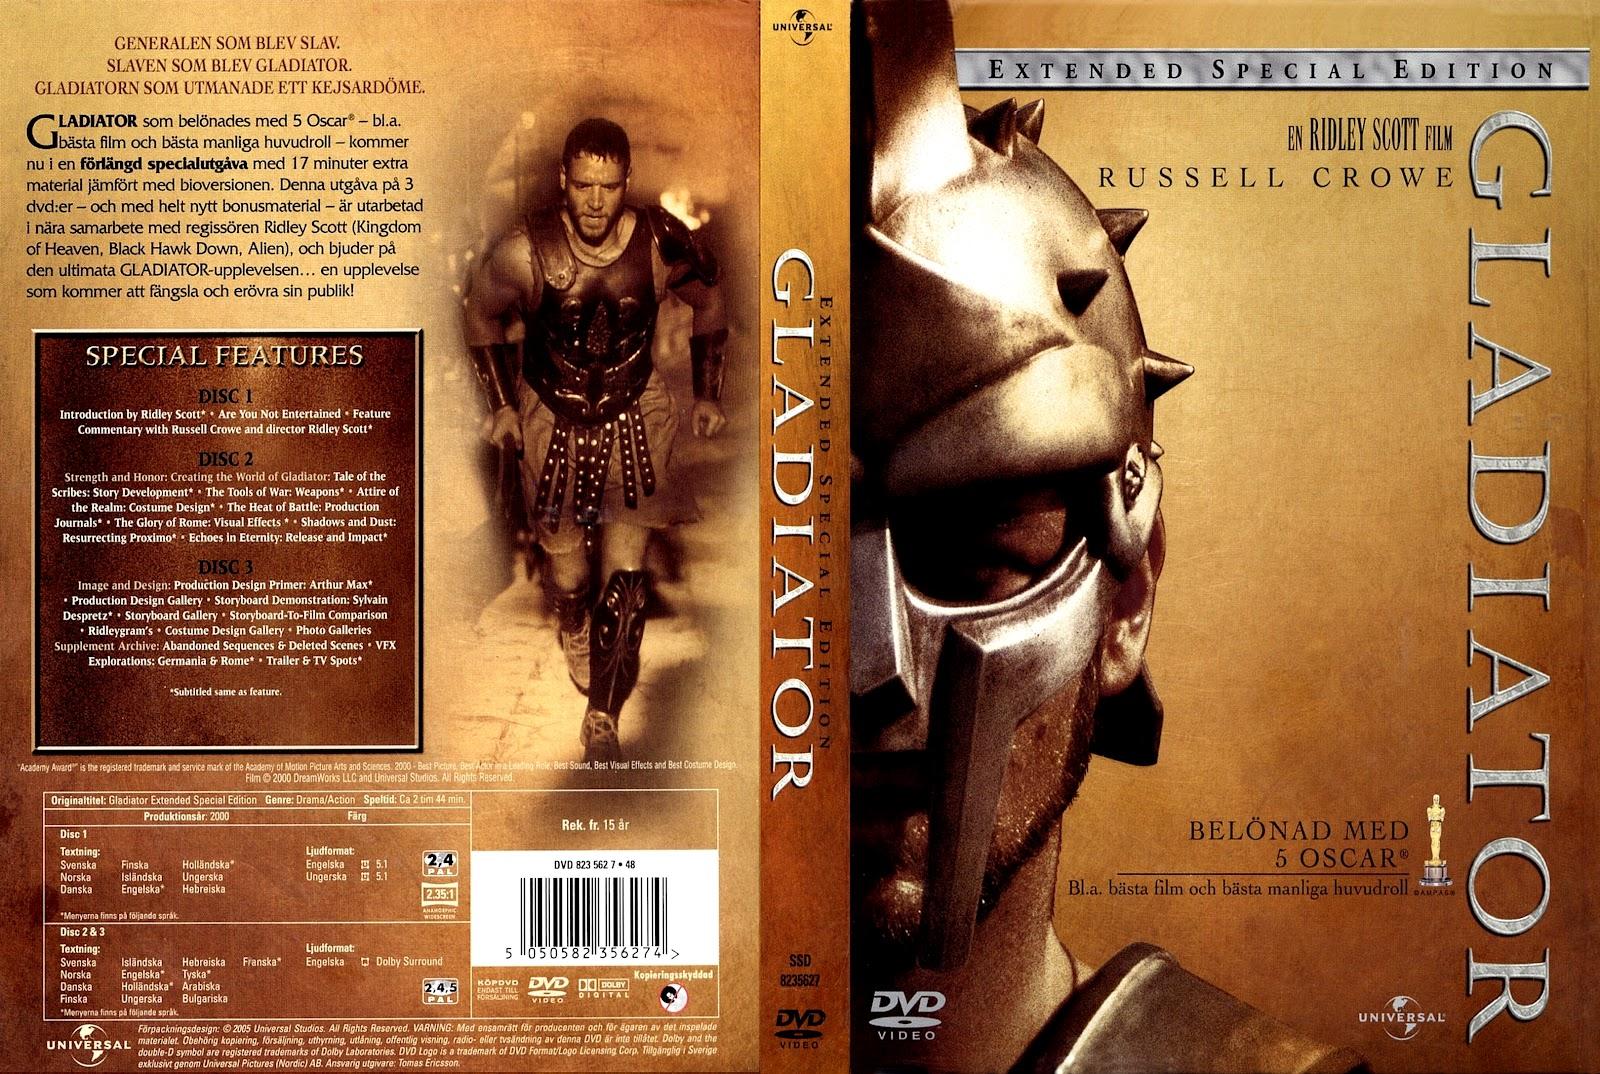 Gladiator Dvd Cover